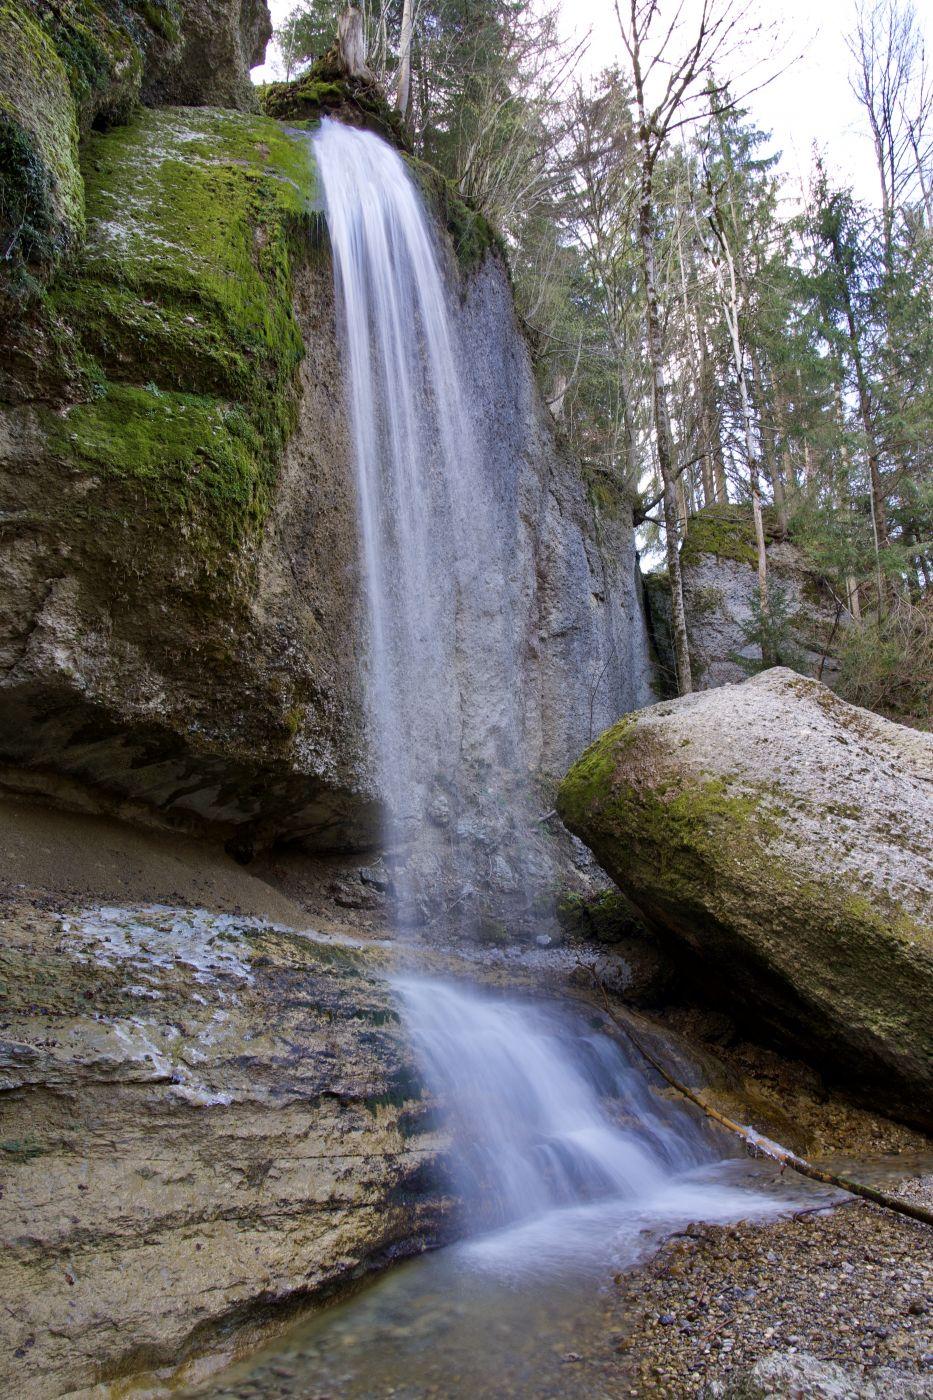 Äulischlucht mit Wasserfall, Switzerland